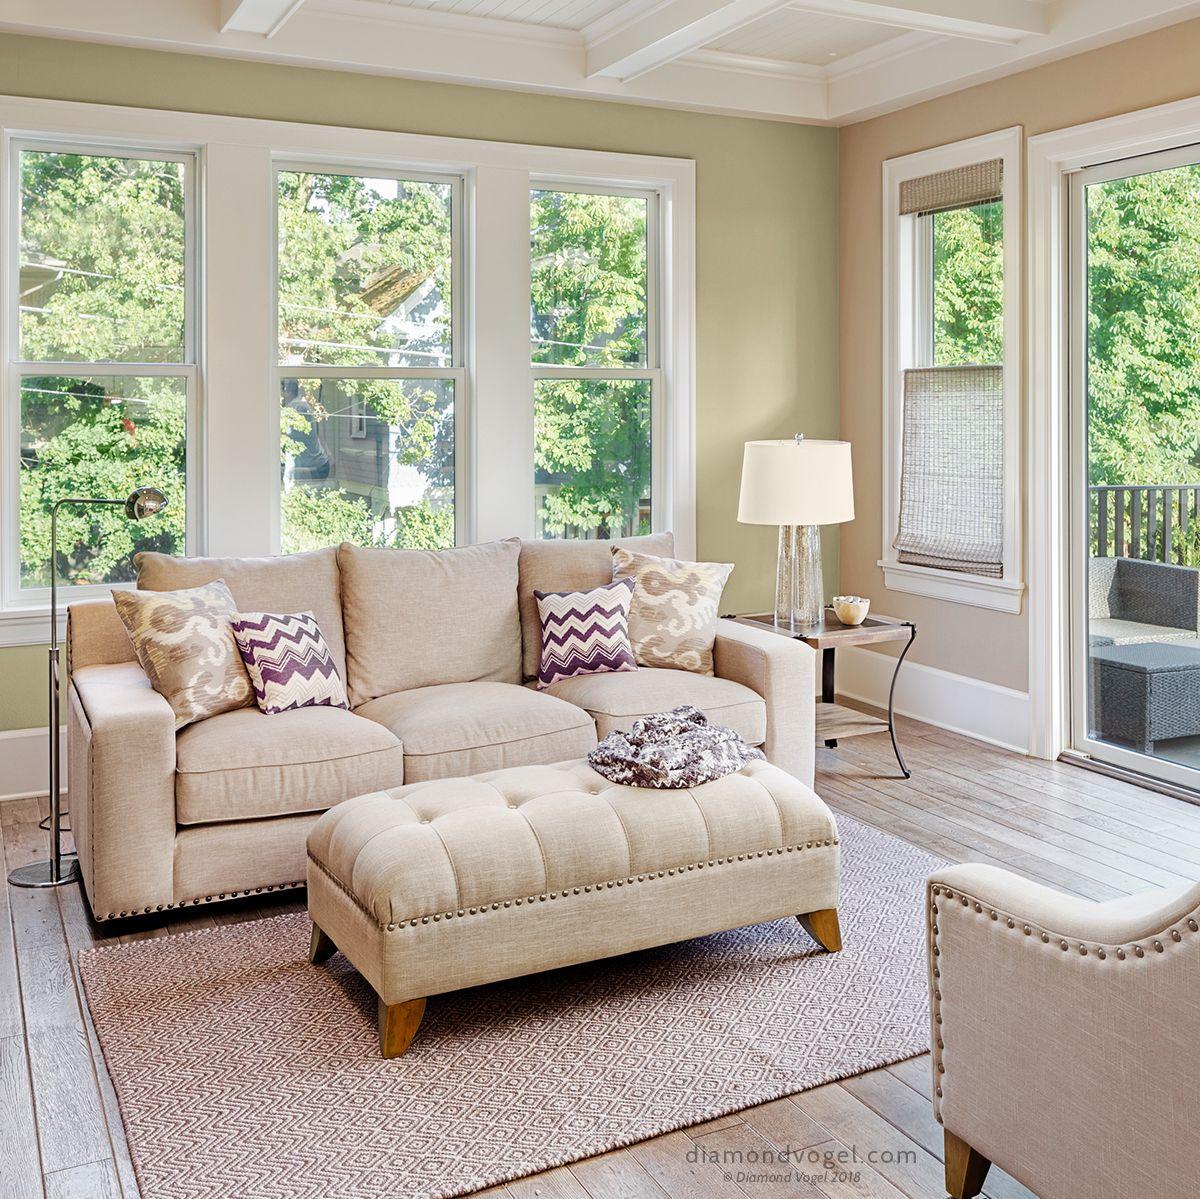 Master Bedroom Staging Ideas: Interior Palette: Move. Modern Color To Rejuvenate